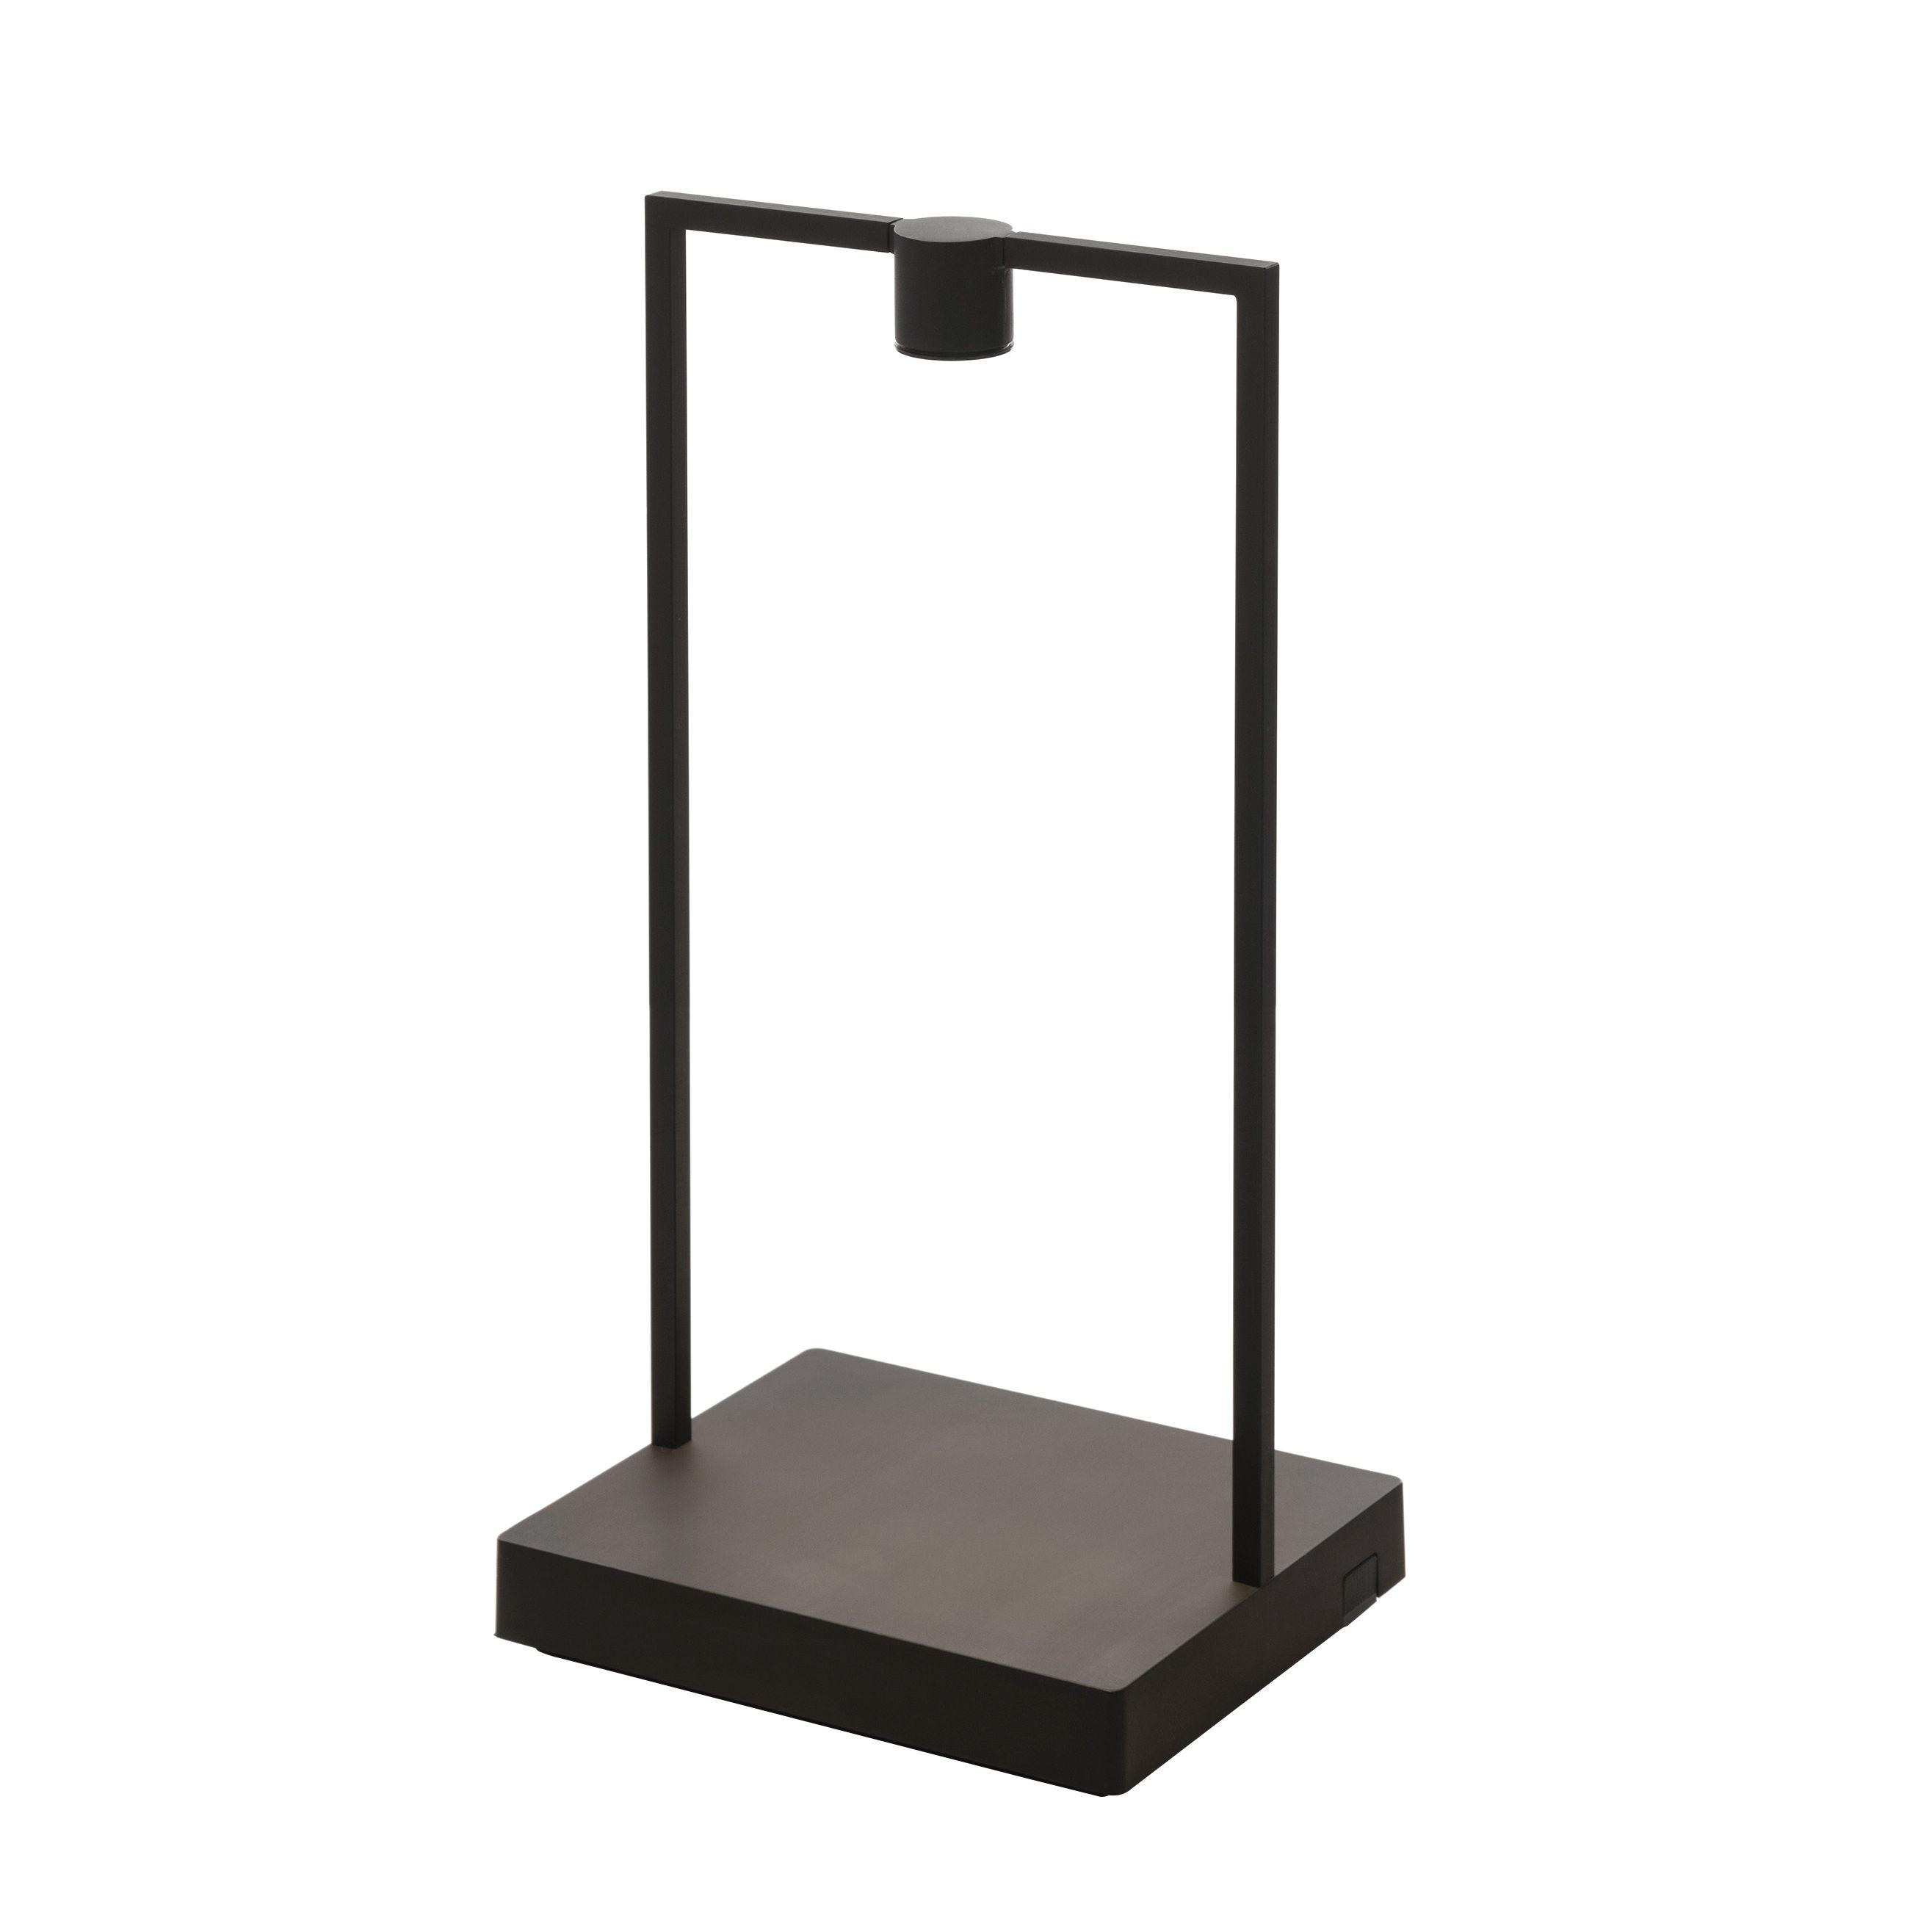 Illuminazione - Lampade da tavolo - Lampada senza fili Curiosity LED - / L 18 x H 35 cm di Artemide - Nero / Base legno scuro - Alluminio